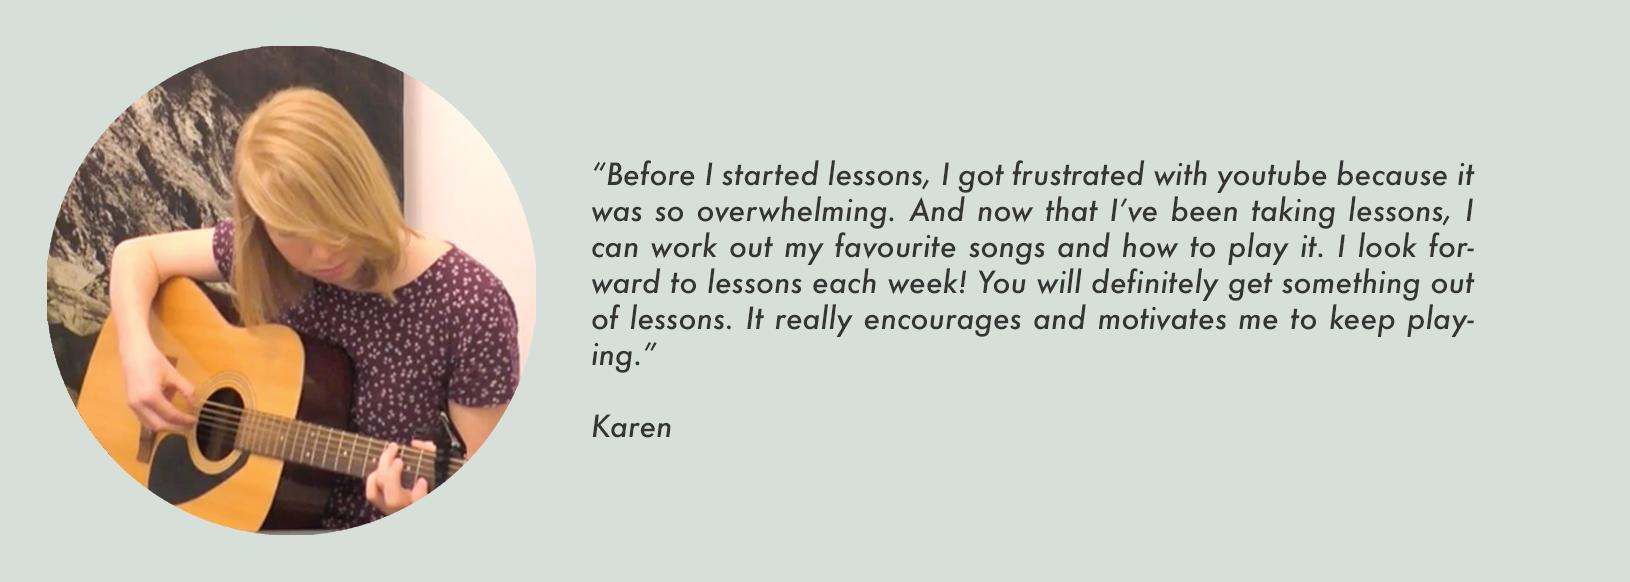 Karen Testimonial.png